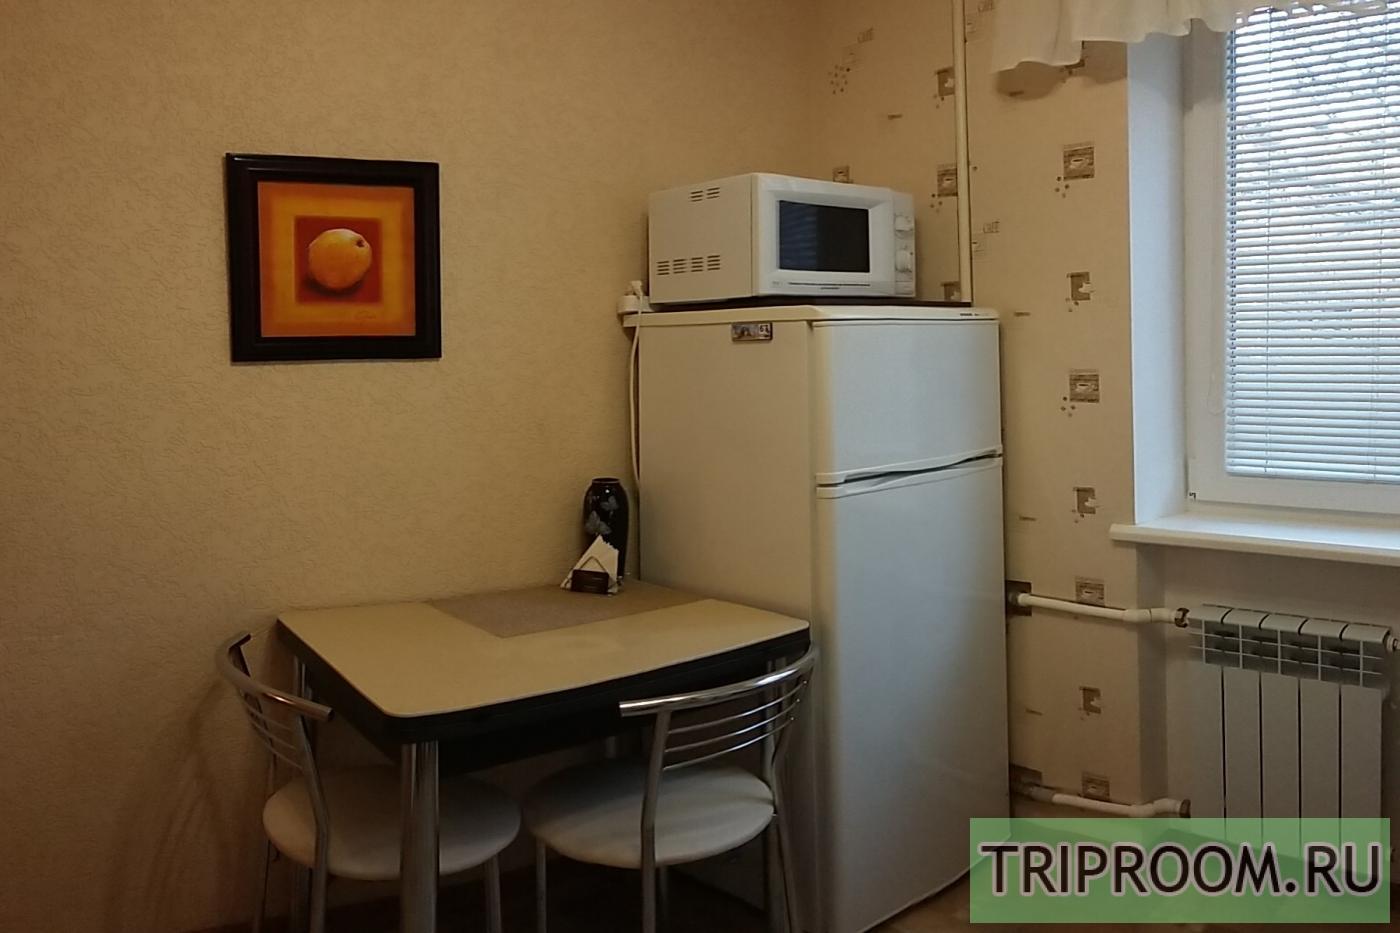 1-комнатная квартира посуточно (вариант № 1355), ул. Ефремова улица, фото № 4